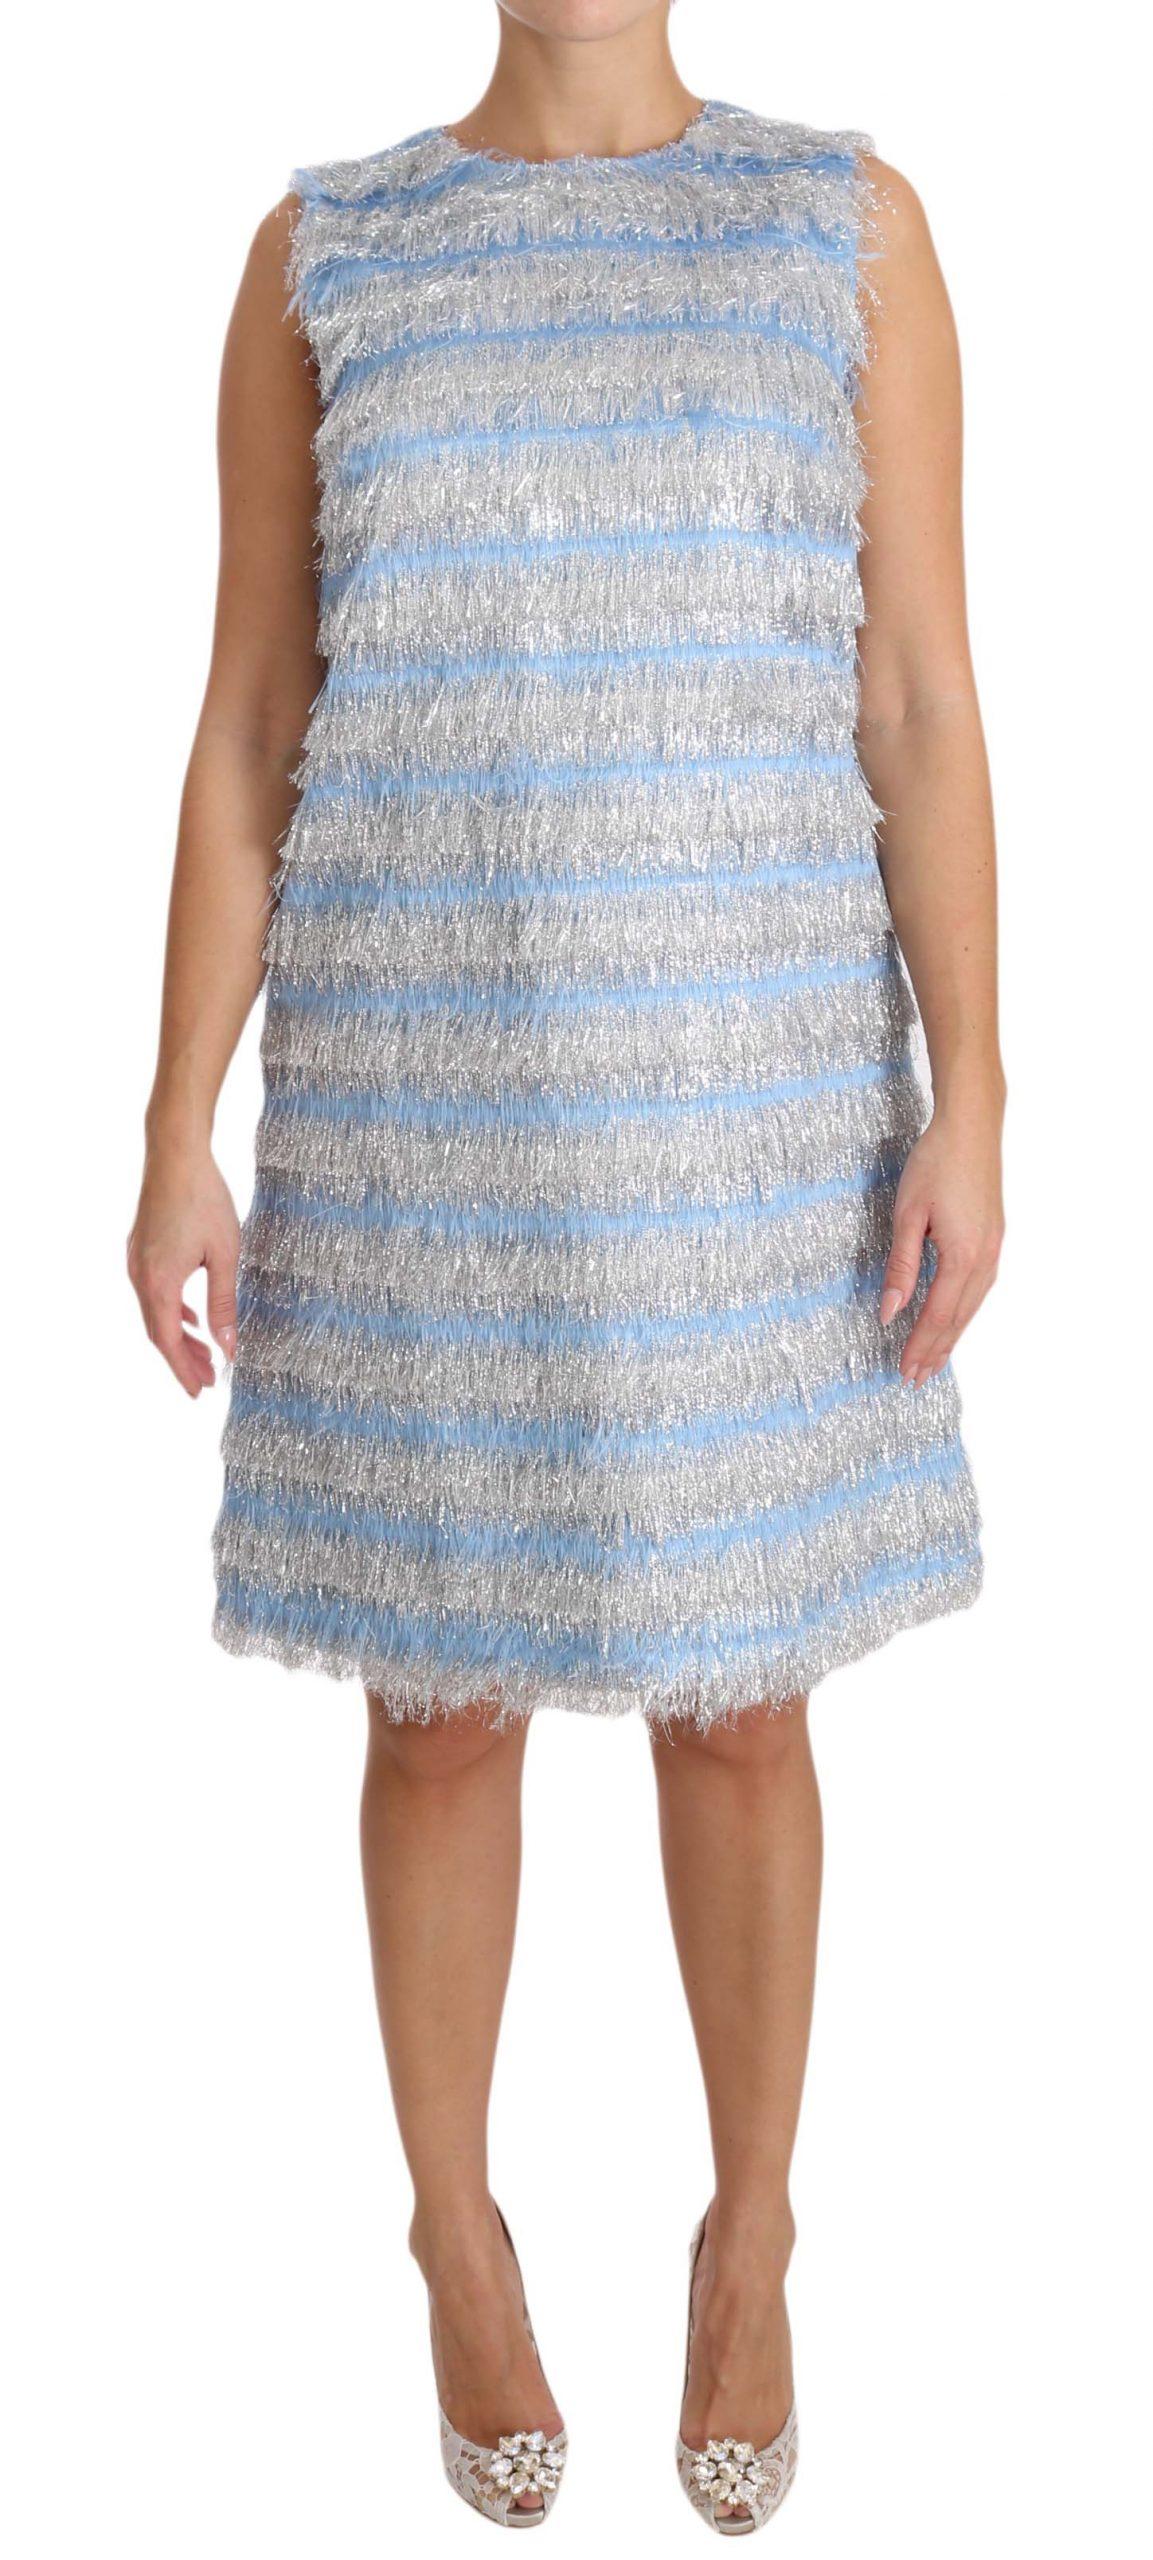 Dolce & Gabbana Women's Shift Gown Dress Light Blue DR1604 - IT38 XS